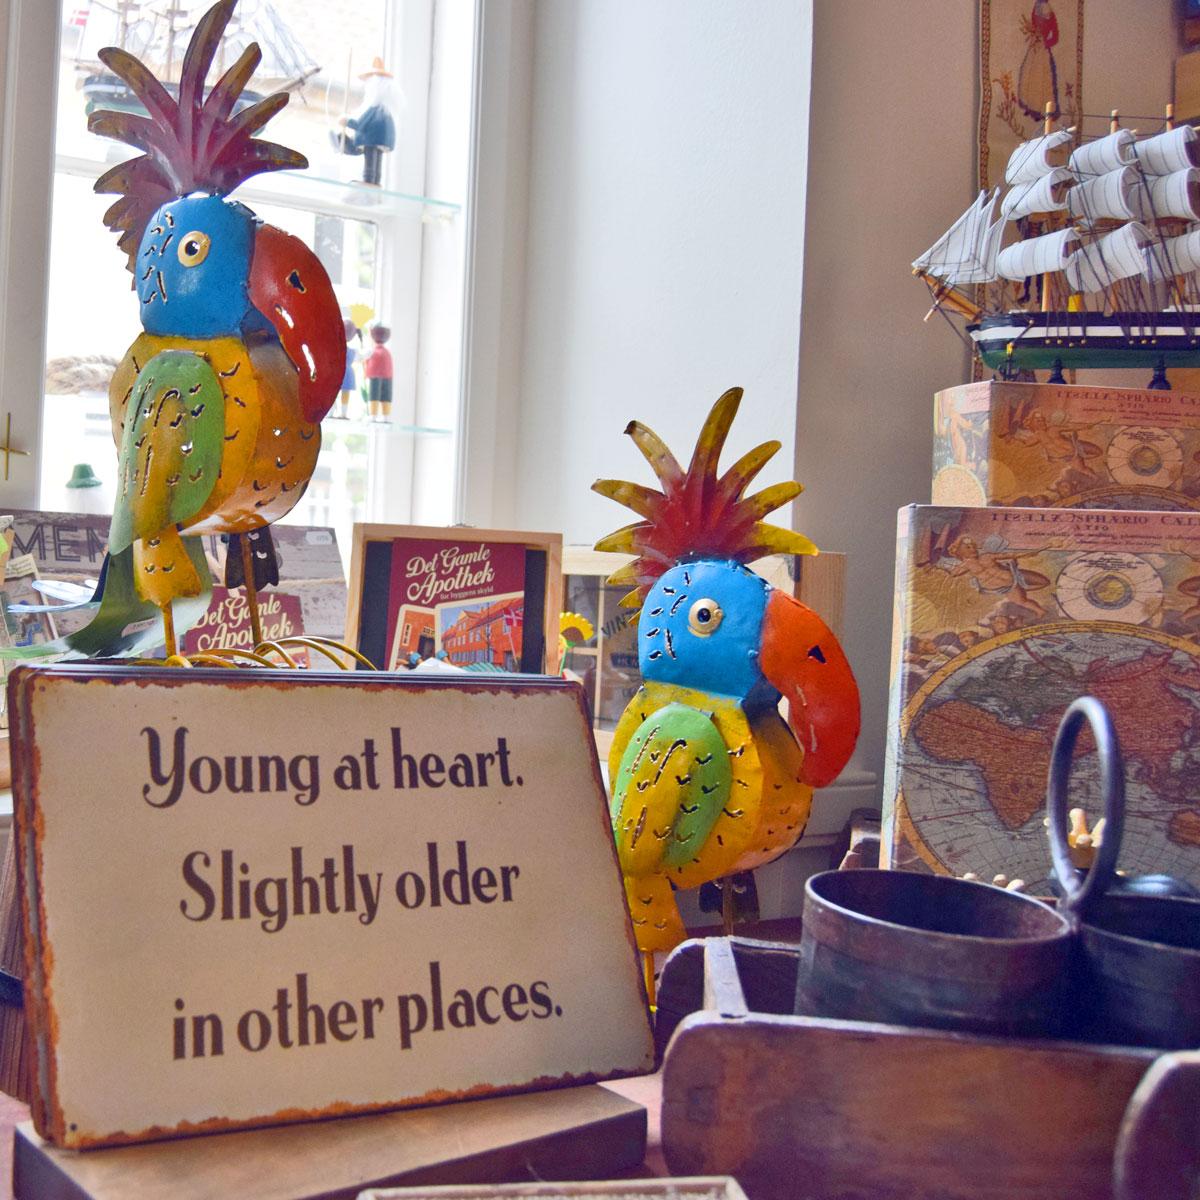 sjove farvestrålende papegøjer af metal